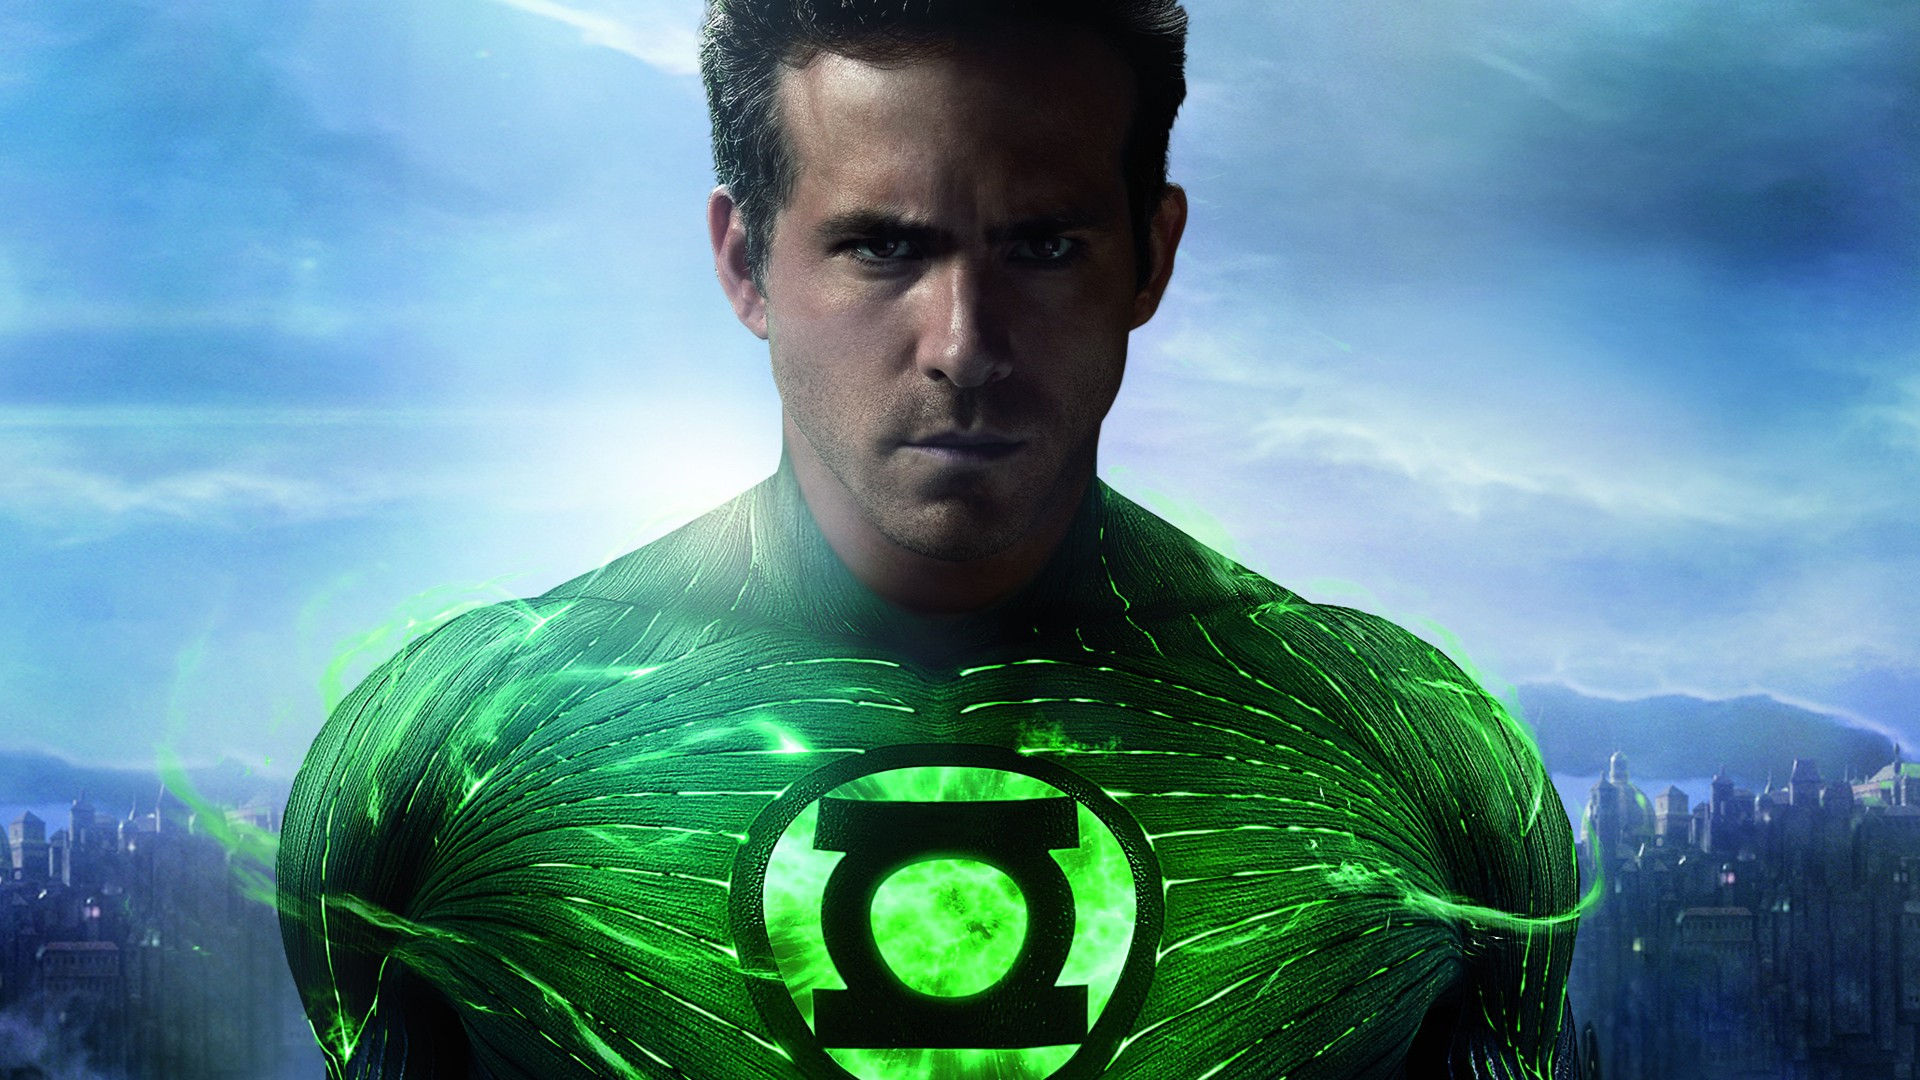 Green Lantern Wallpaper HD 1920x1080